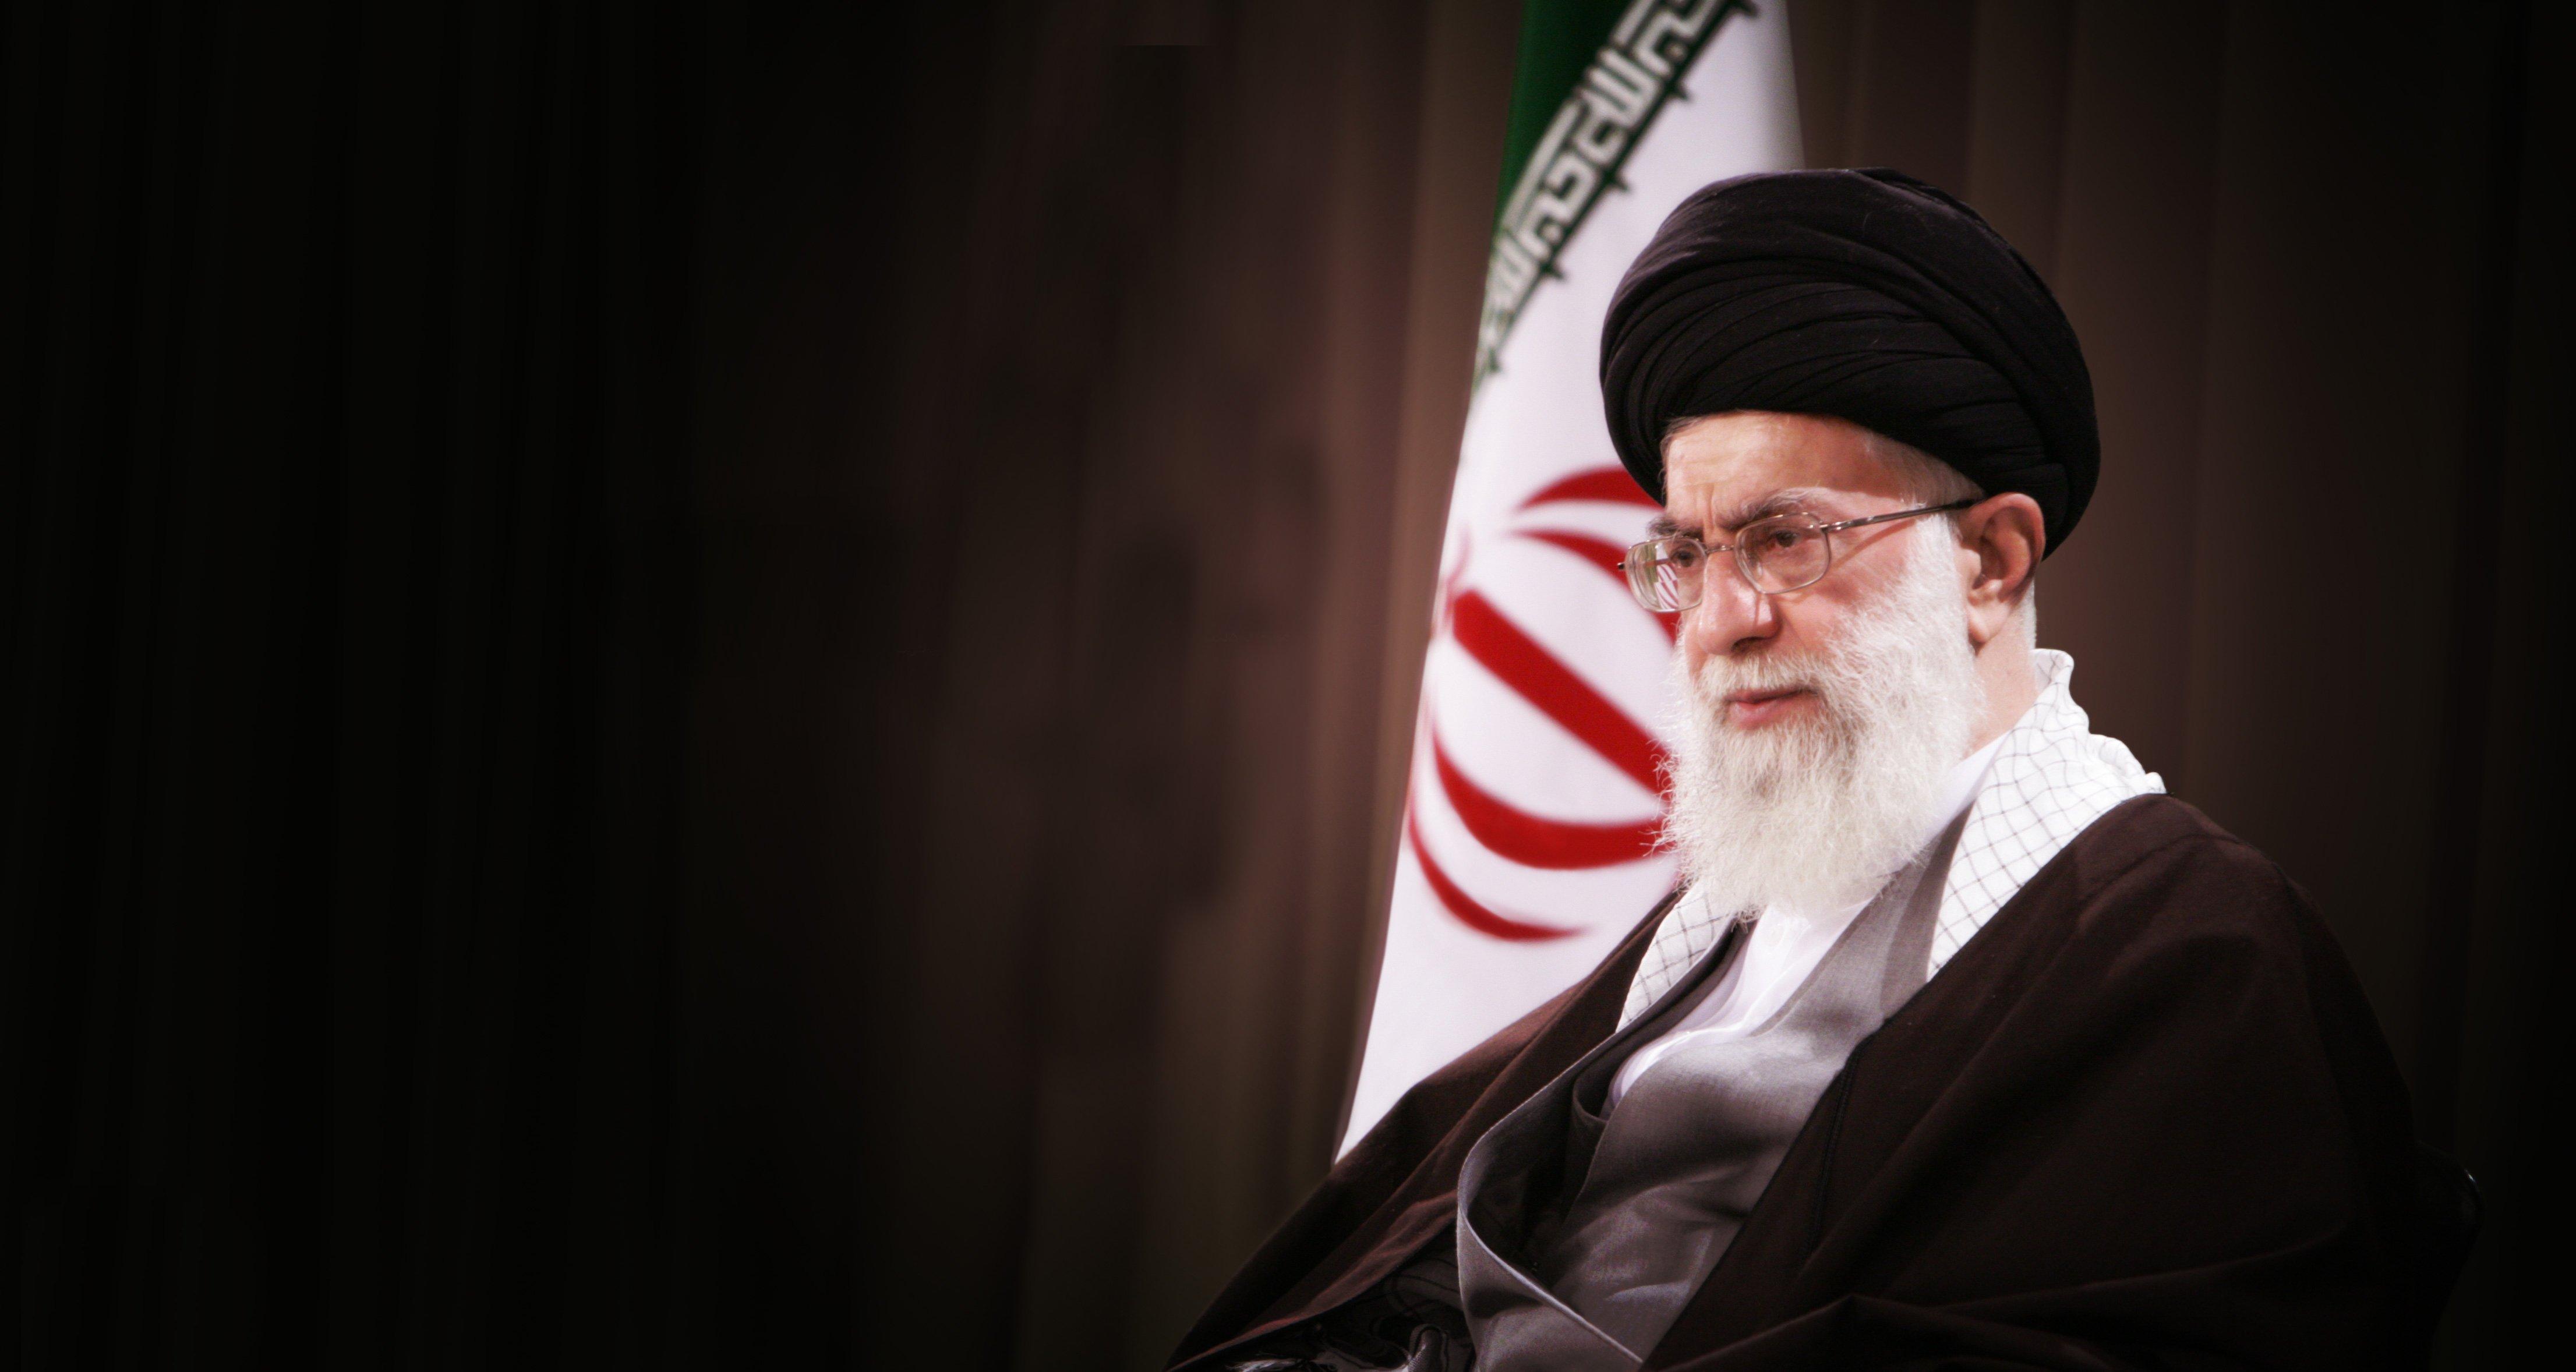 رهبر معظّم انقلاب در پیامی درگذشت حجتالاسلام سیّدجعفر مرتضی را تسلیت گفتند